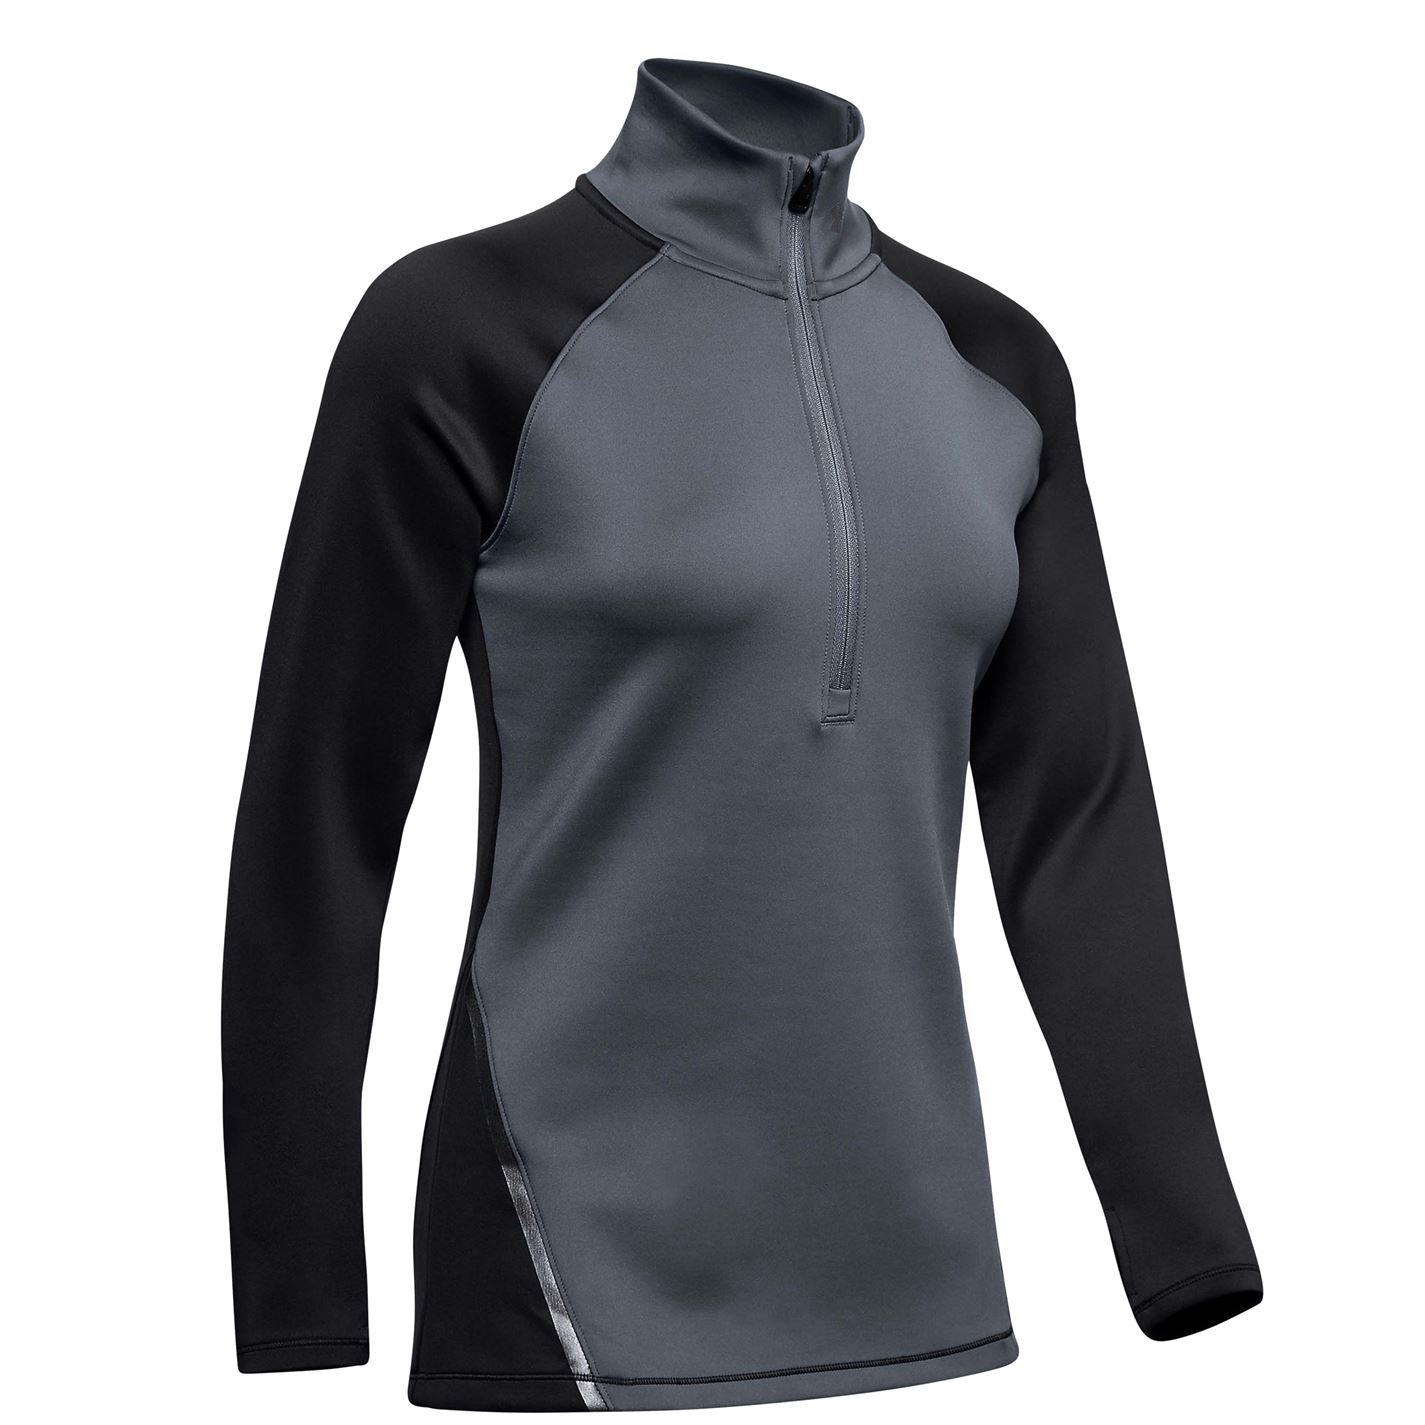 Mergi la Bluza cu fermoar Under Armour ColdGear pentru Femei gri negru